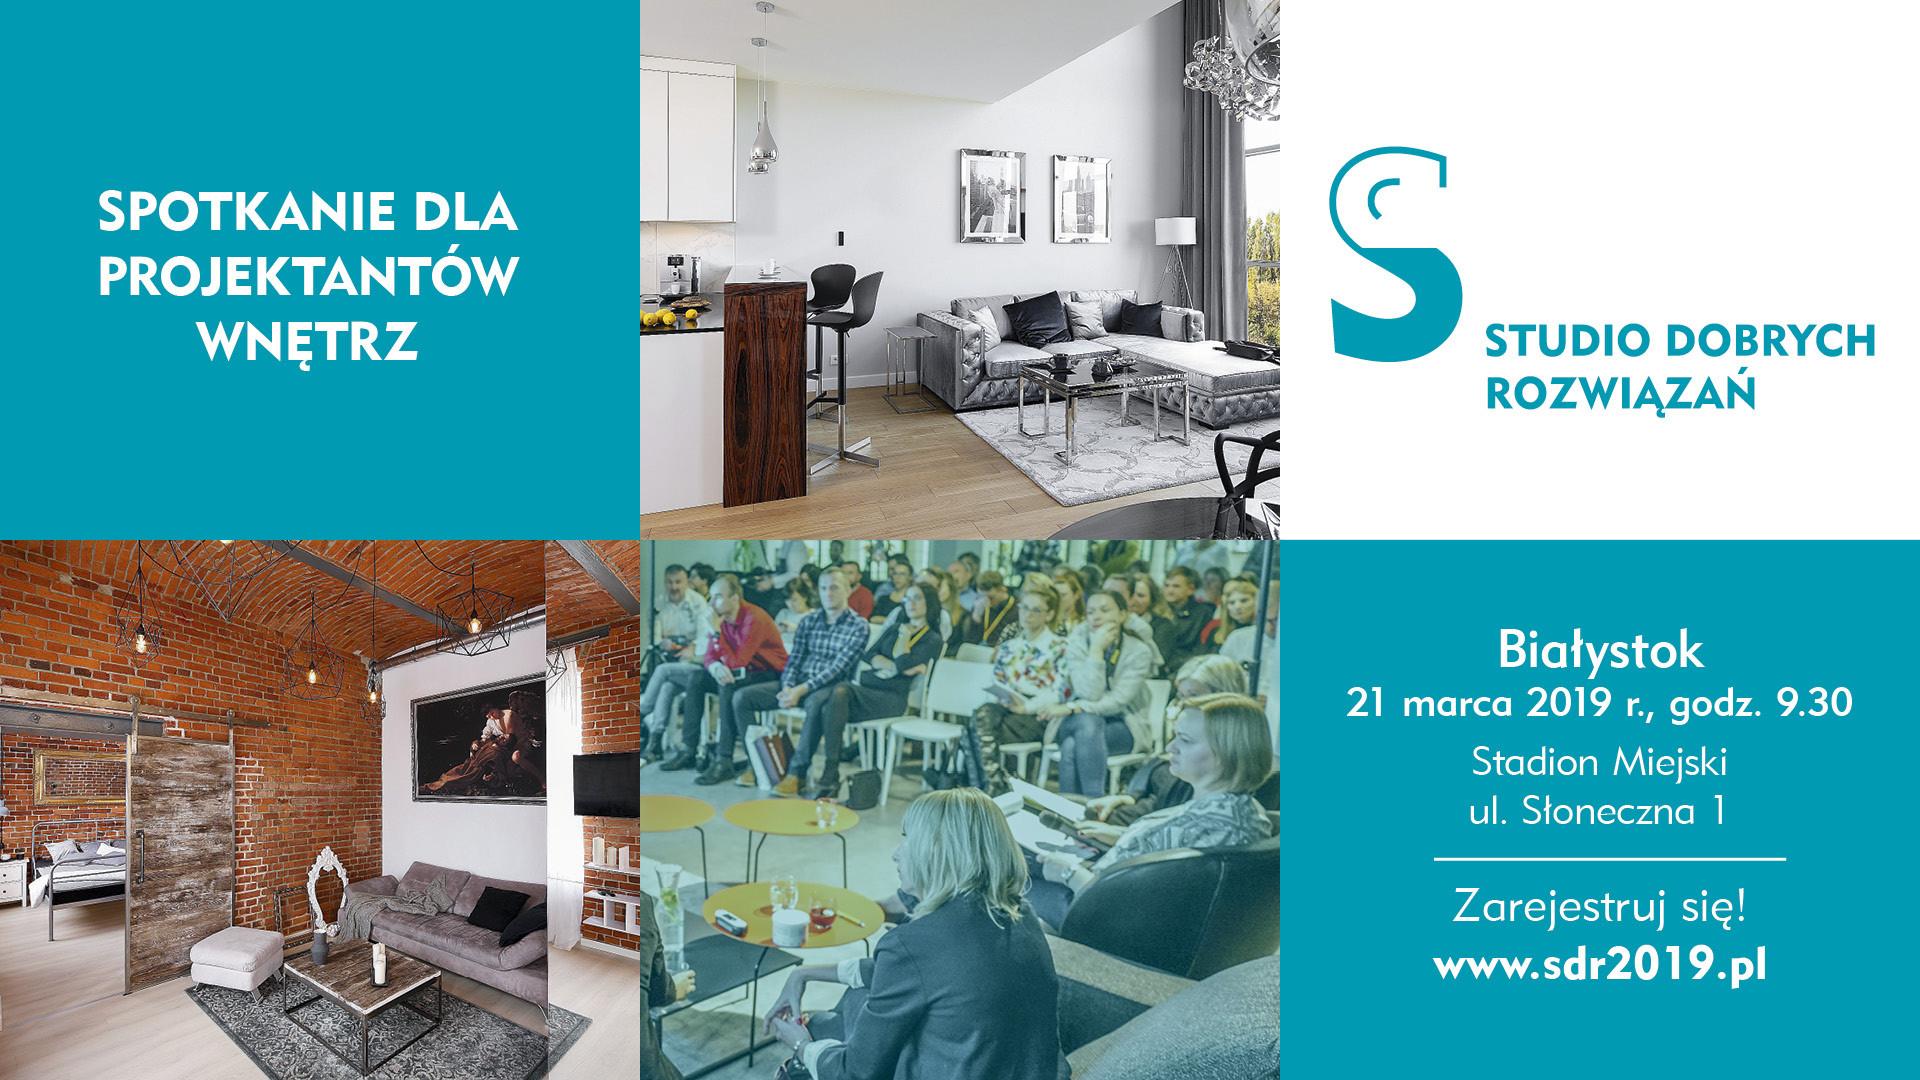 Studio Dobrych Rozwiązań w Białymstoku - zapraszamy 21 marca 2019 r.